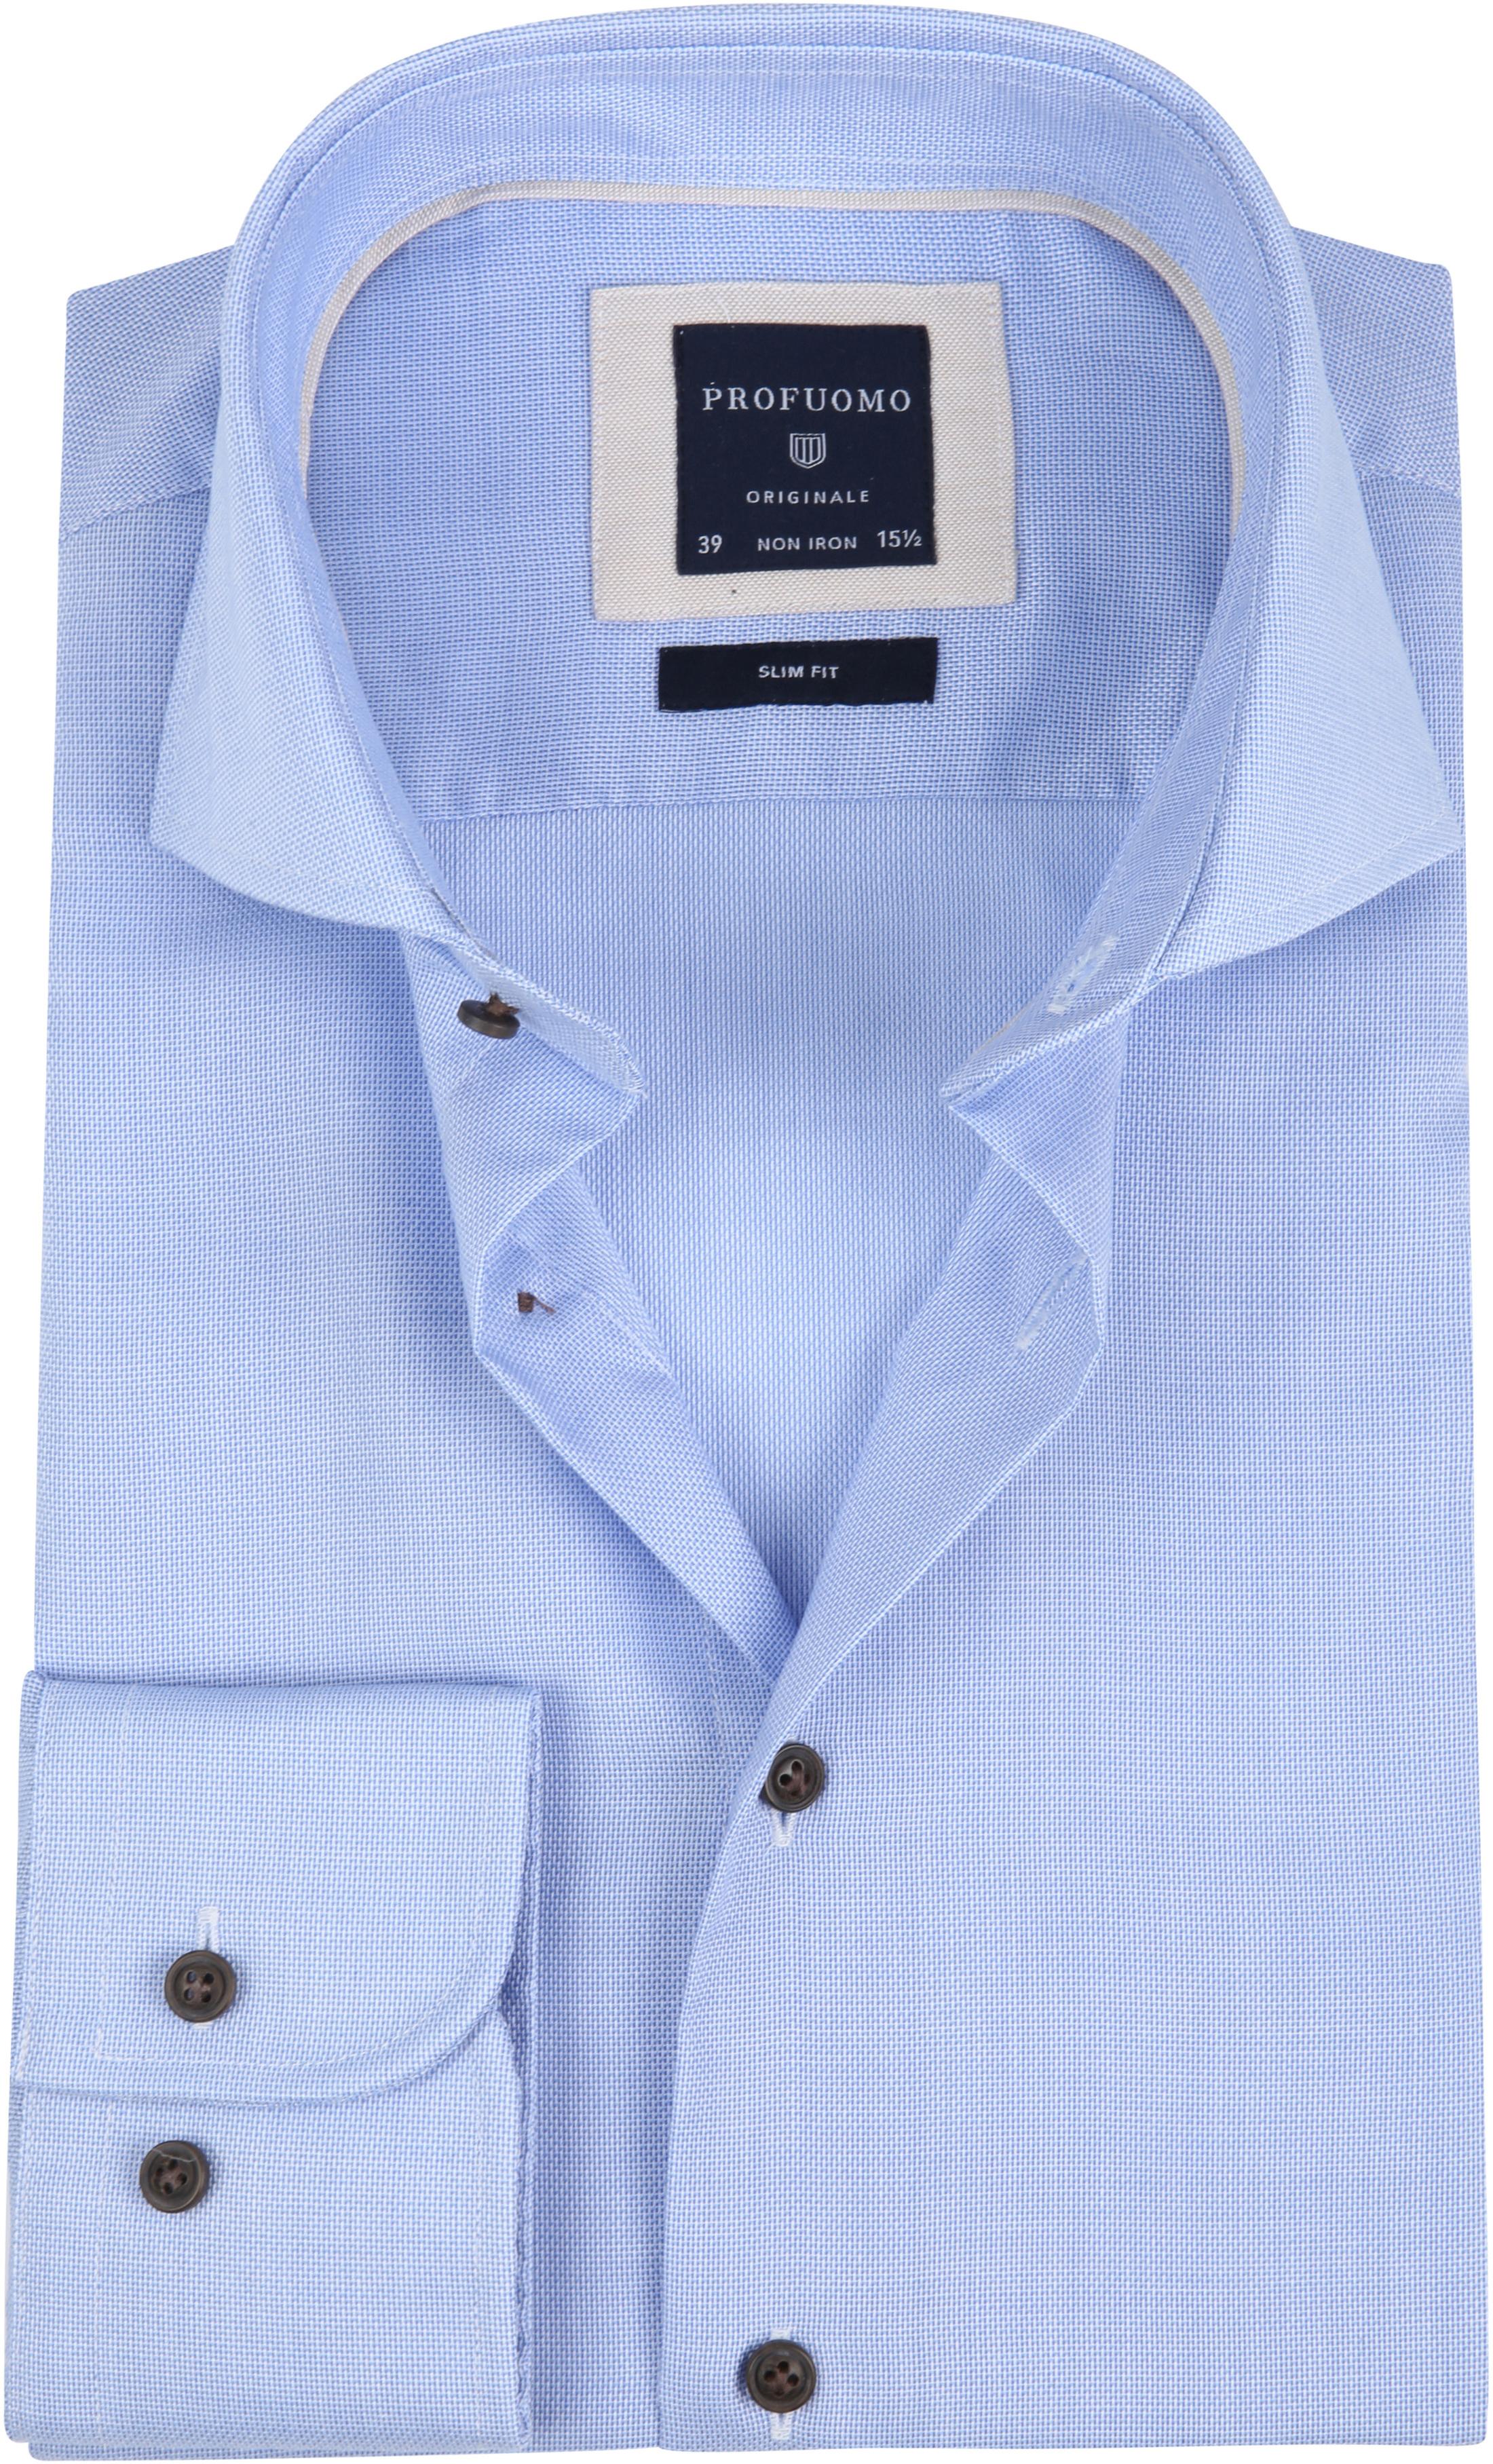 Profuomo Overhemd SF Non Iron Lichtblauw foto 0